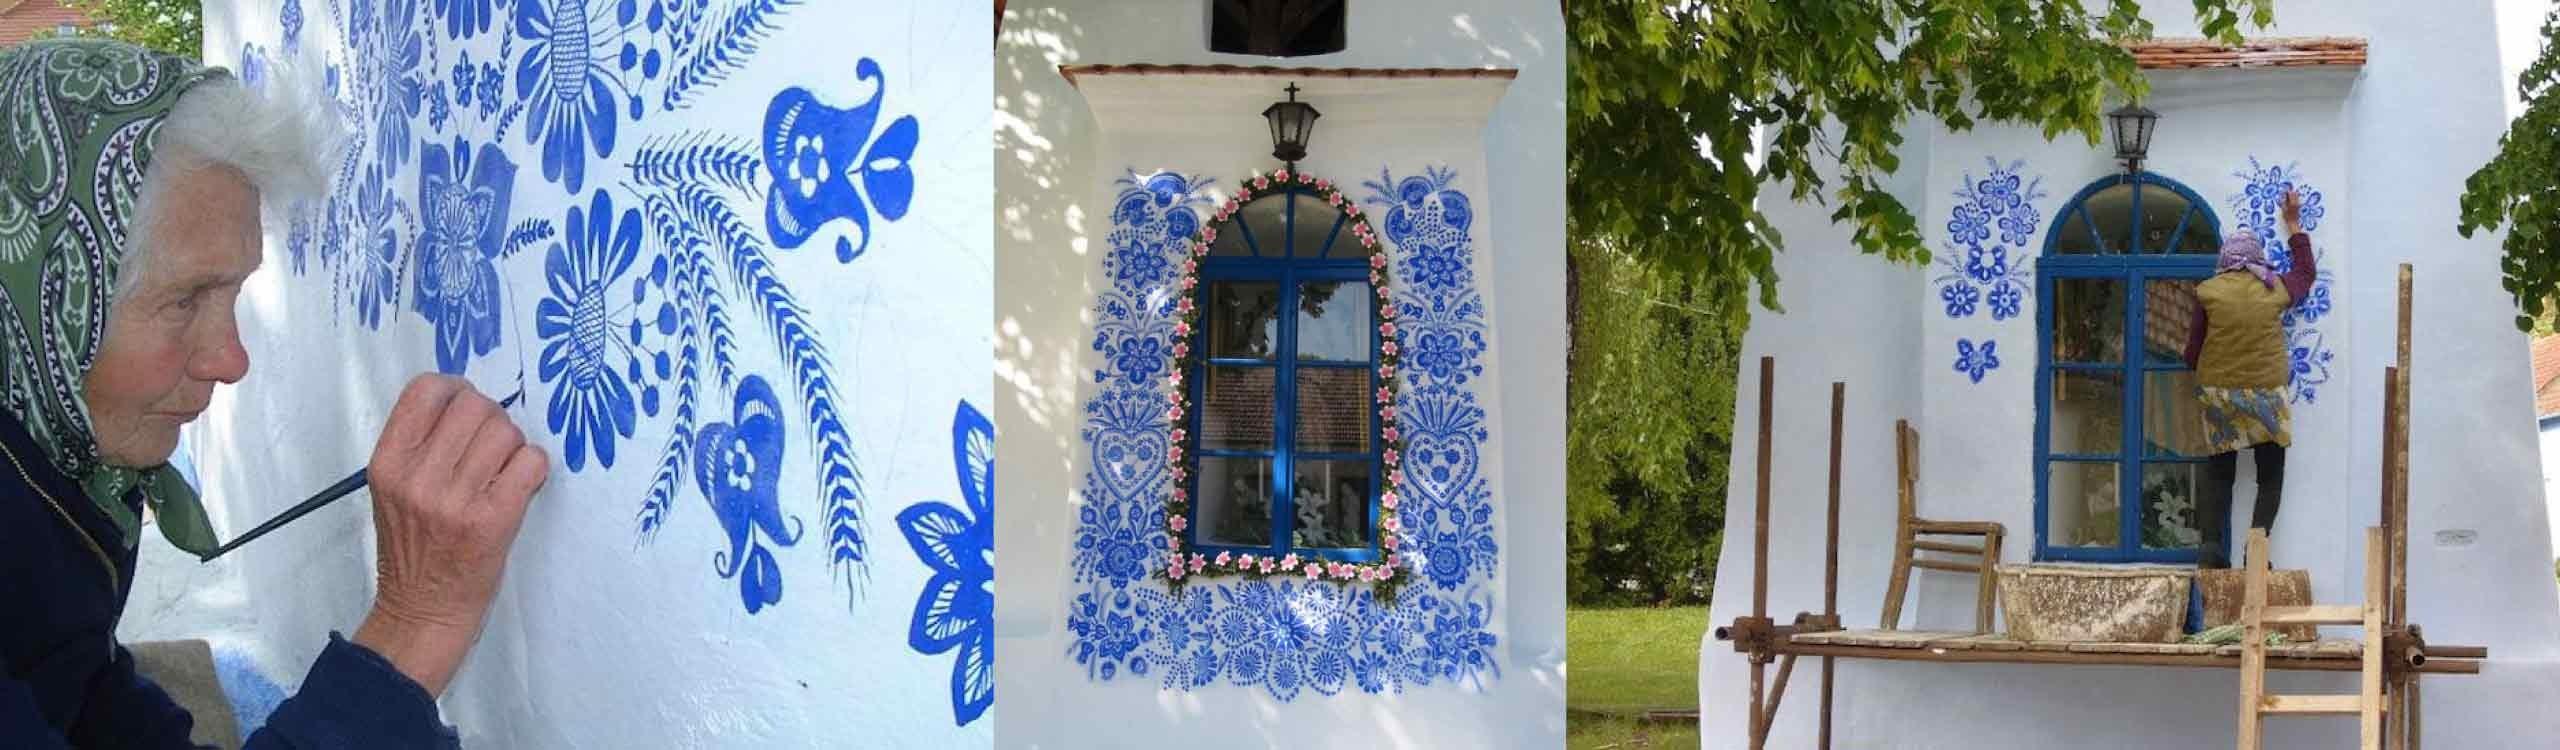 esta abuela checa de 90 años está convirtiendo un pueblo en su propia galería de arte